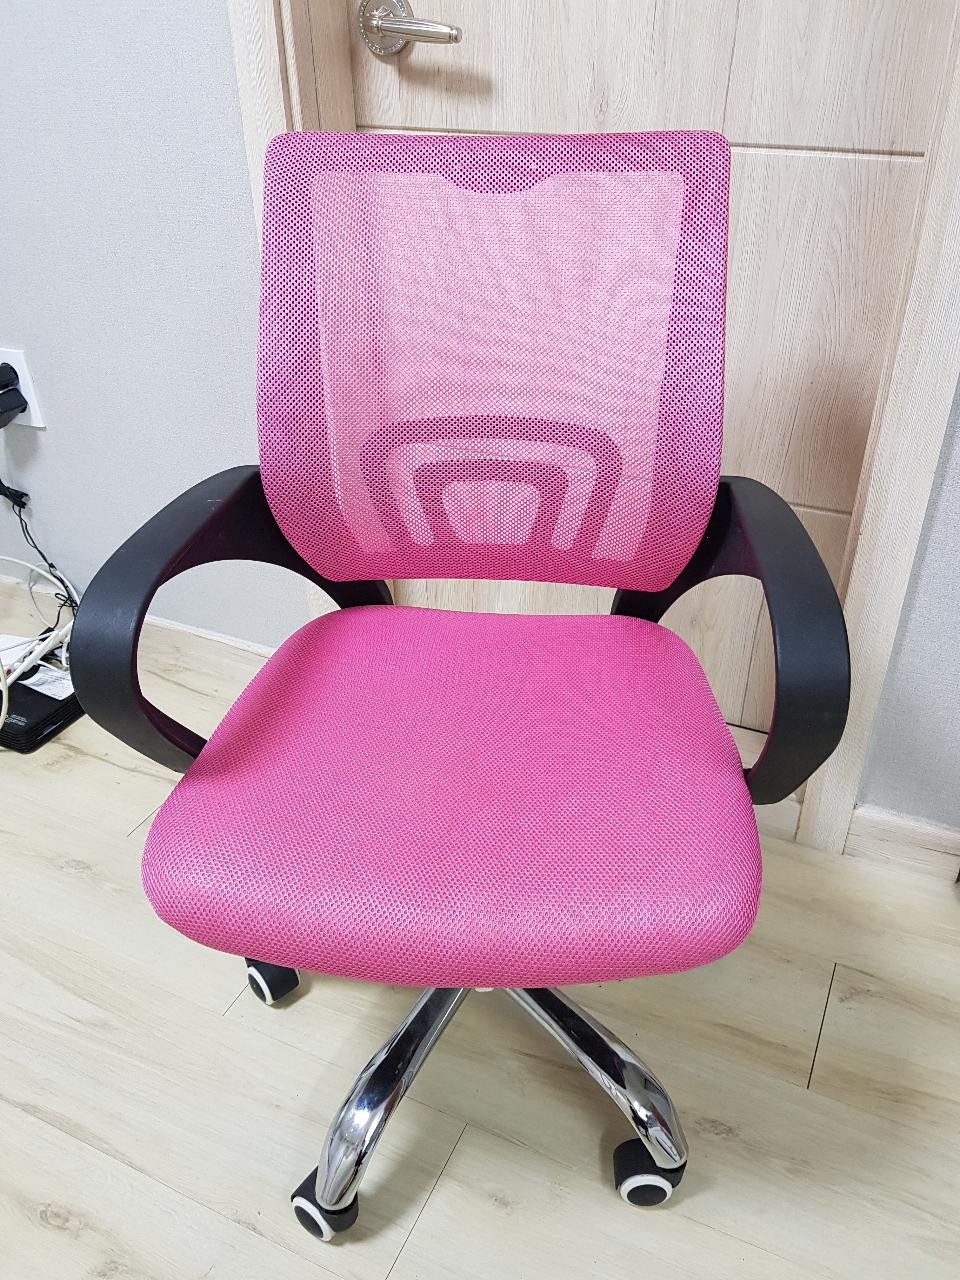 푹신한 핑크색 책상 사무용 컴퓨터 의자 (높낮이 조절, 바퀴)